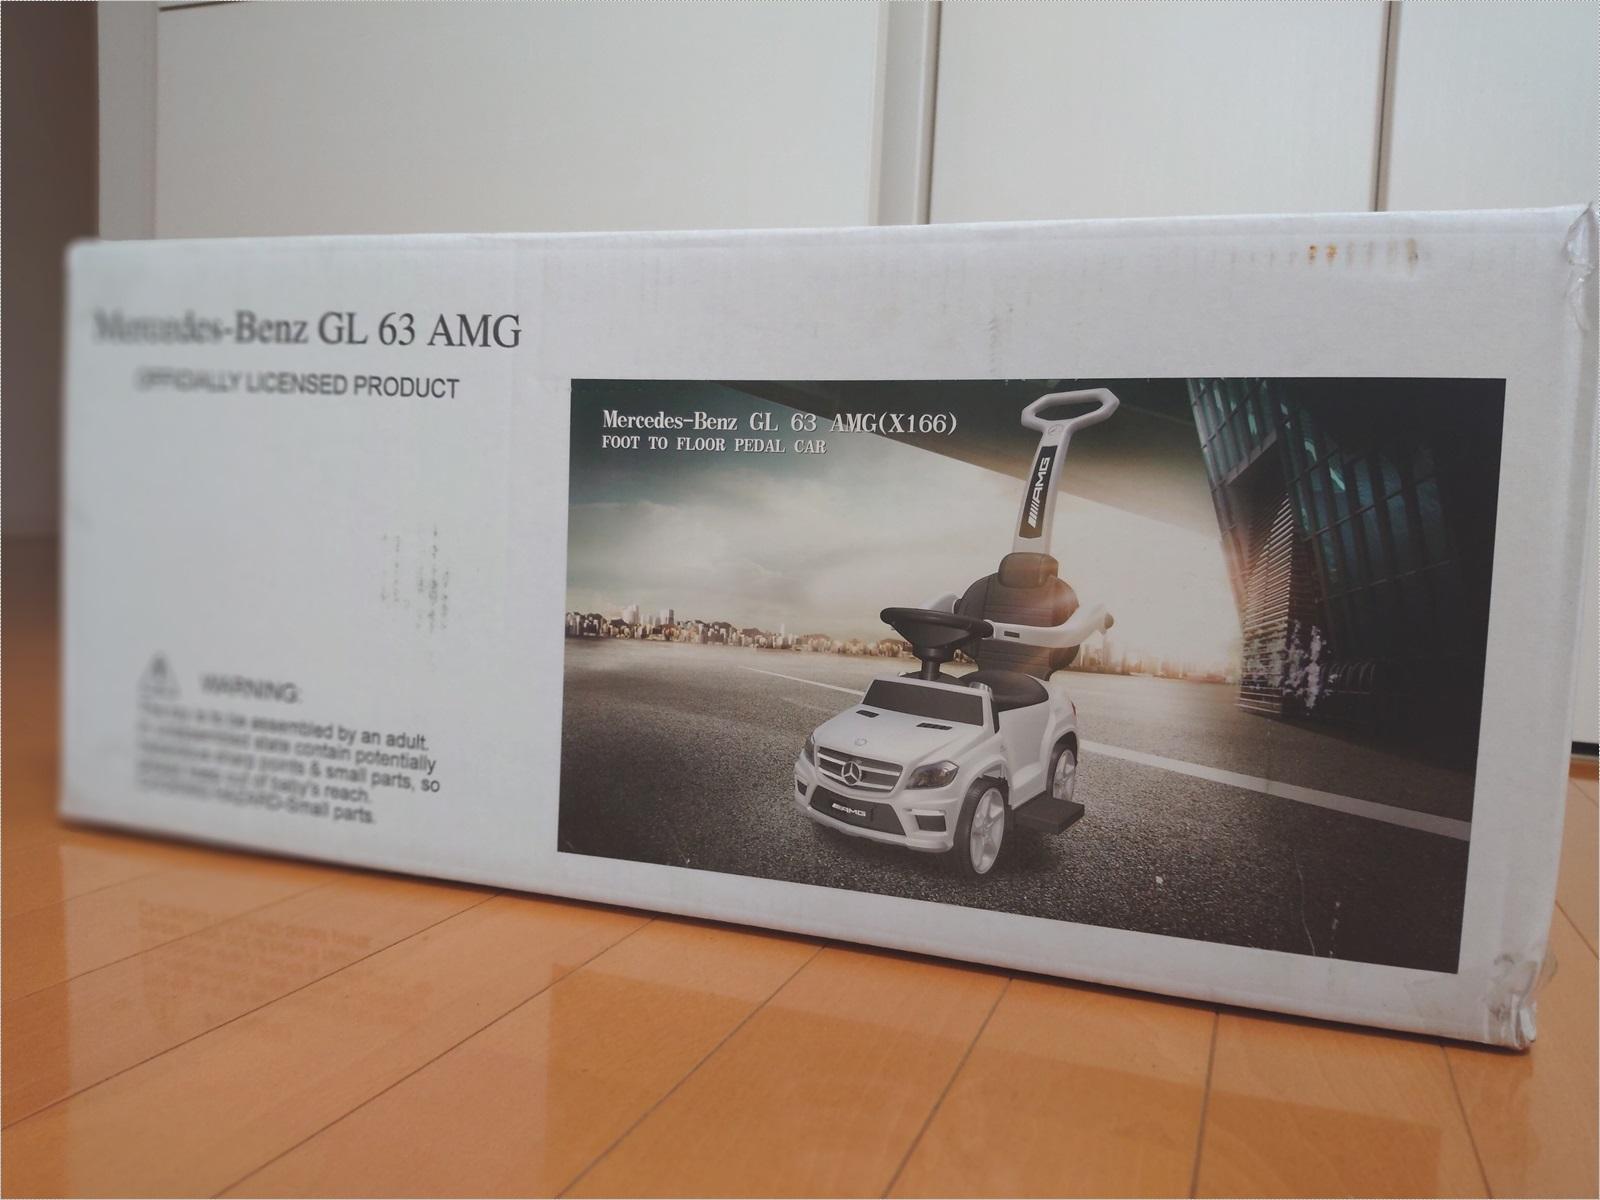 購入したのはメルセデスベンツ GL63 AMGです。 2WAYタイプで押し手を付けたりはずしたりできます。